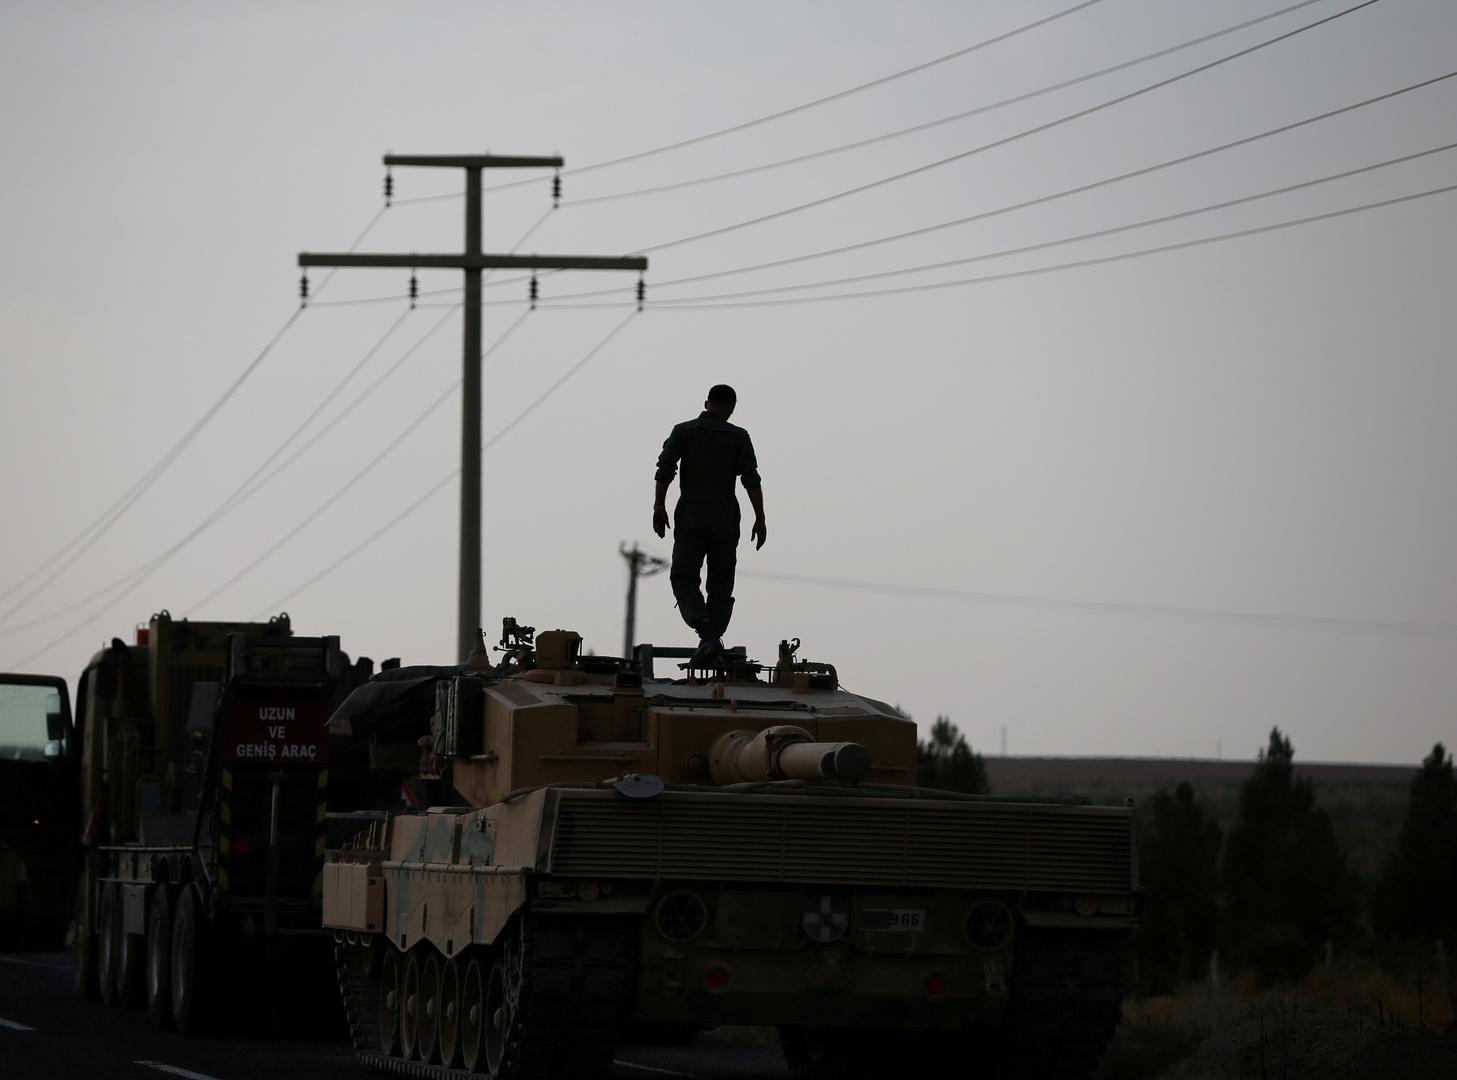 الاستخبارات التركية تقتل قياديا في